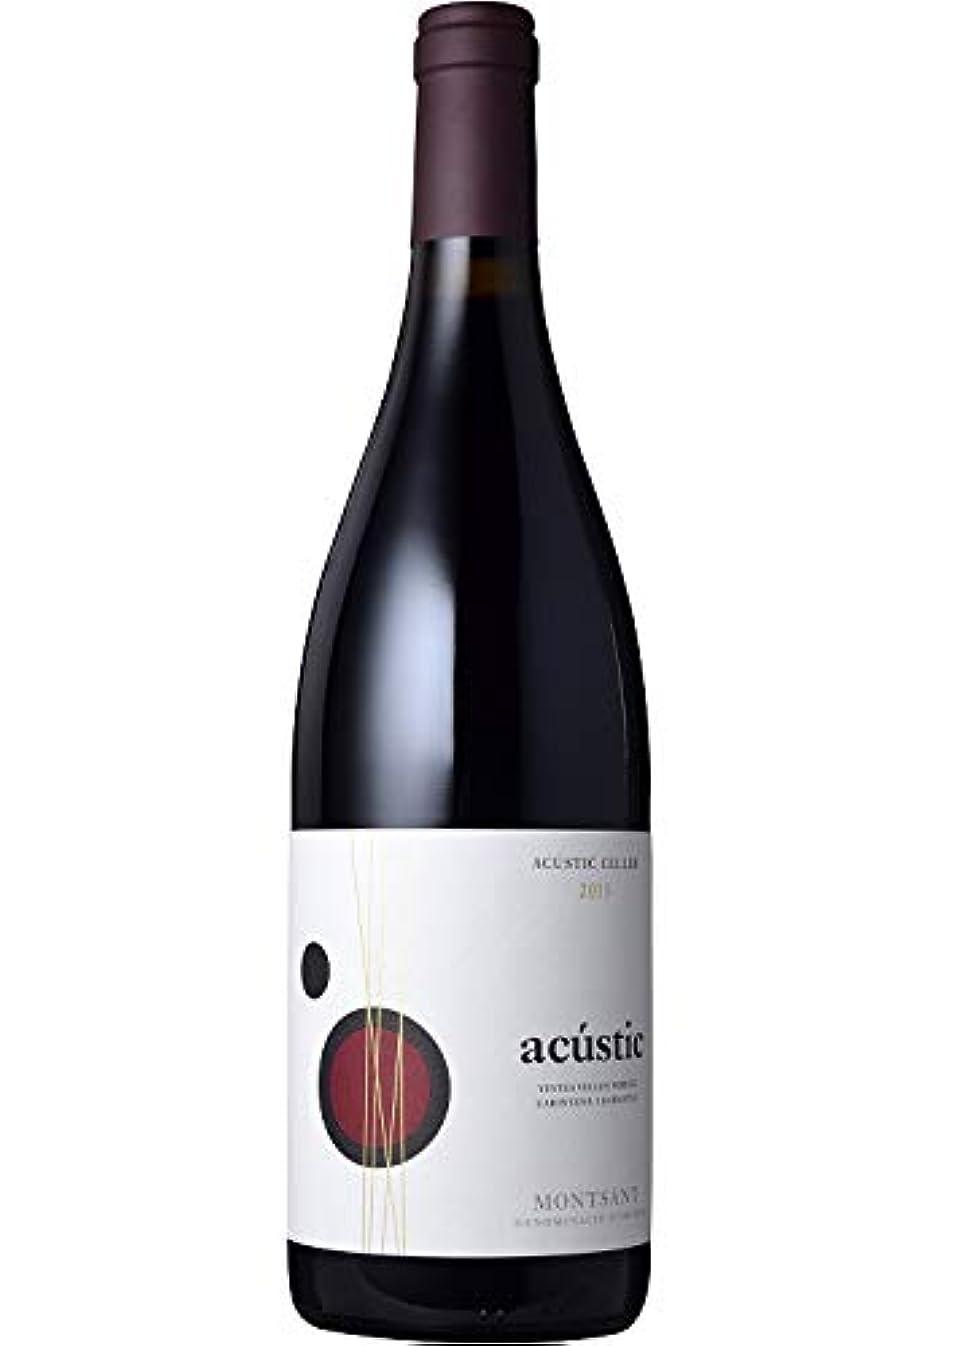 裏切りベアリングドラッグアクスティック ティント [2015] アクスティック?セリェール Acustic Tinto [2015] Acustic Celler スペイン 赤 カタルーニャ モンサンDO 750ml